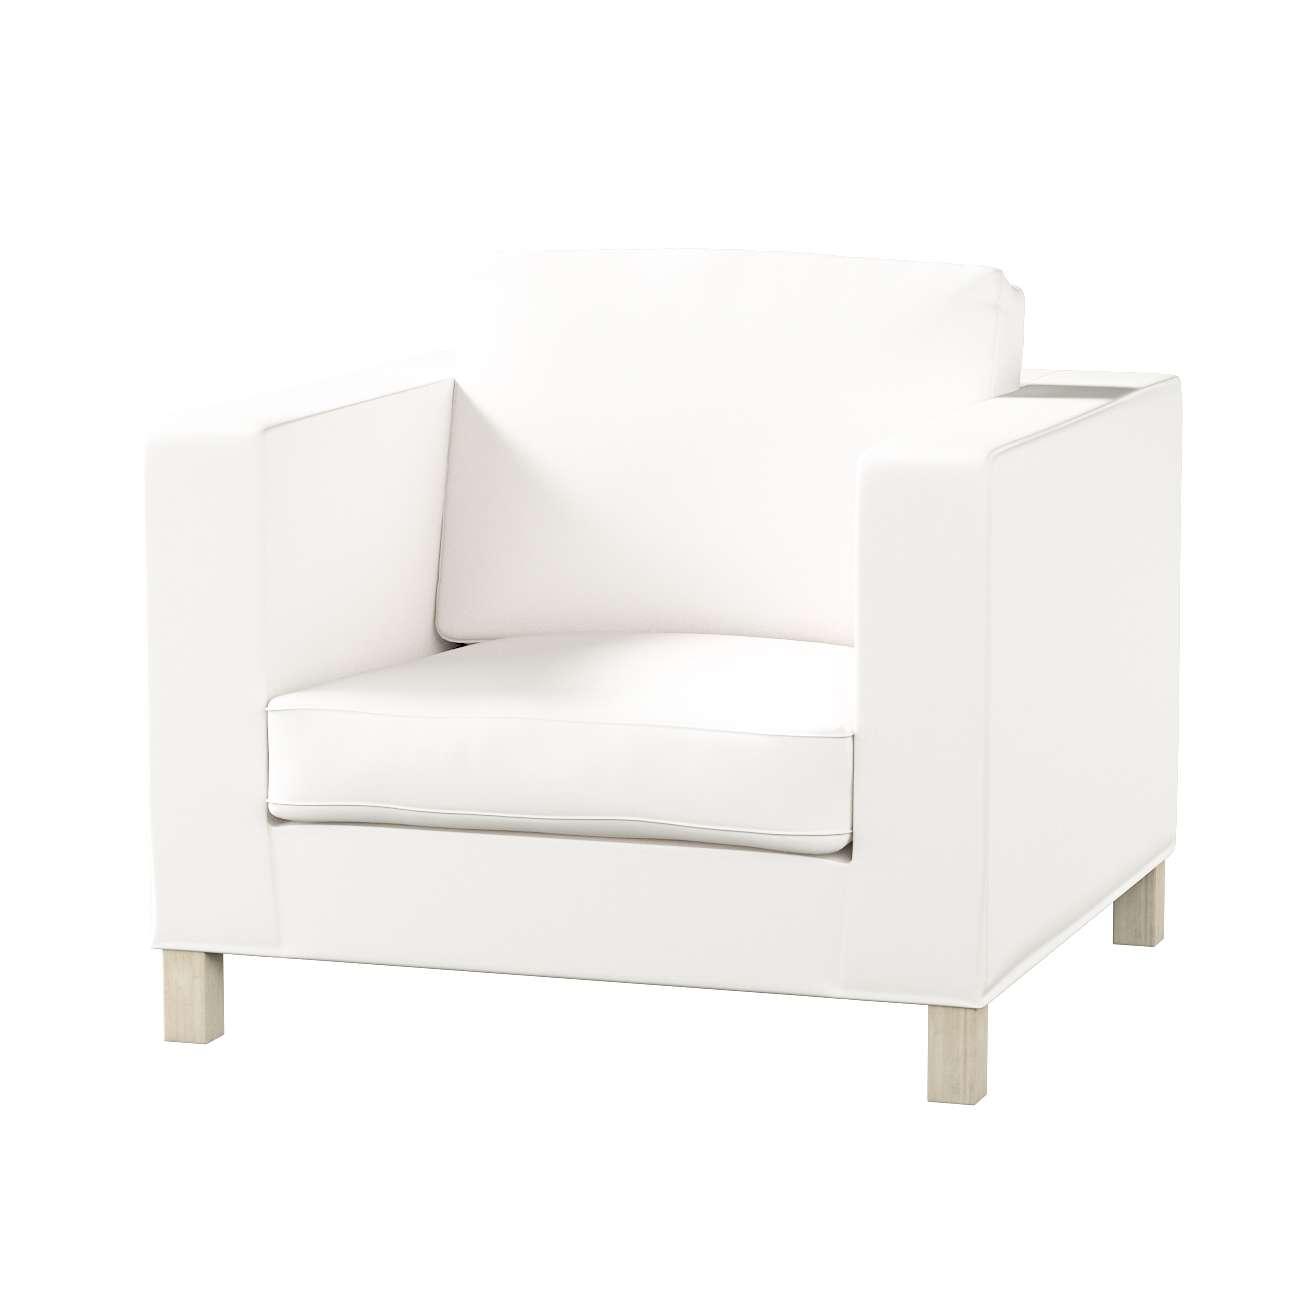 KARLANDA fotelio užvalkalas KARLANDA fotelio užvalkalas kolekcijoje Cotton Panama, audinys: 702-34